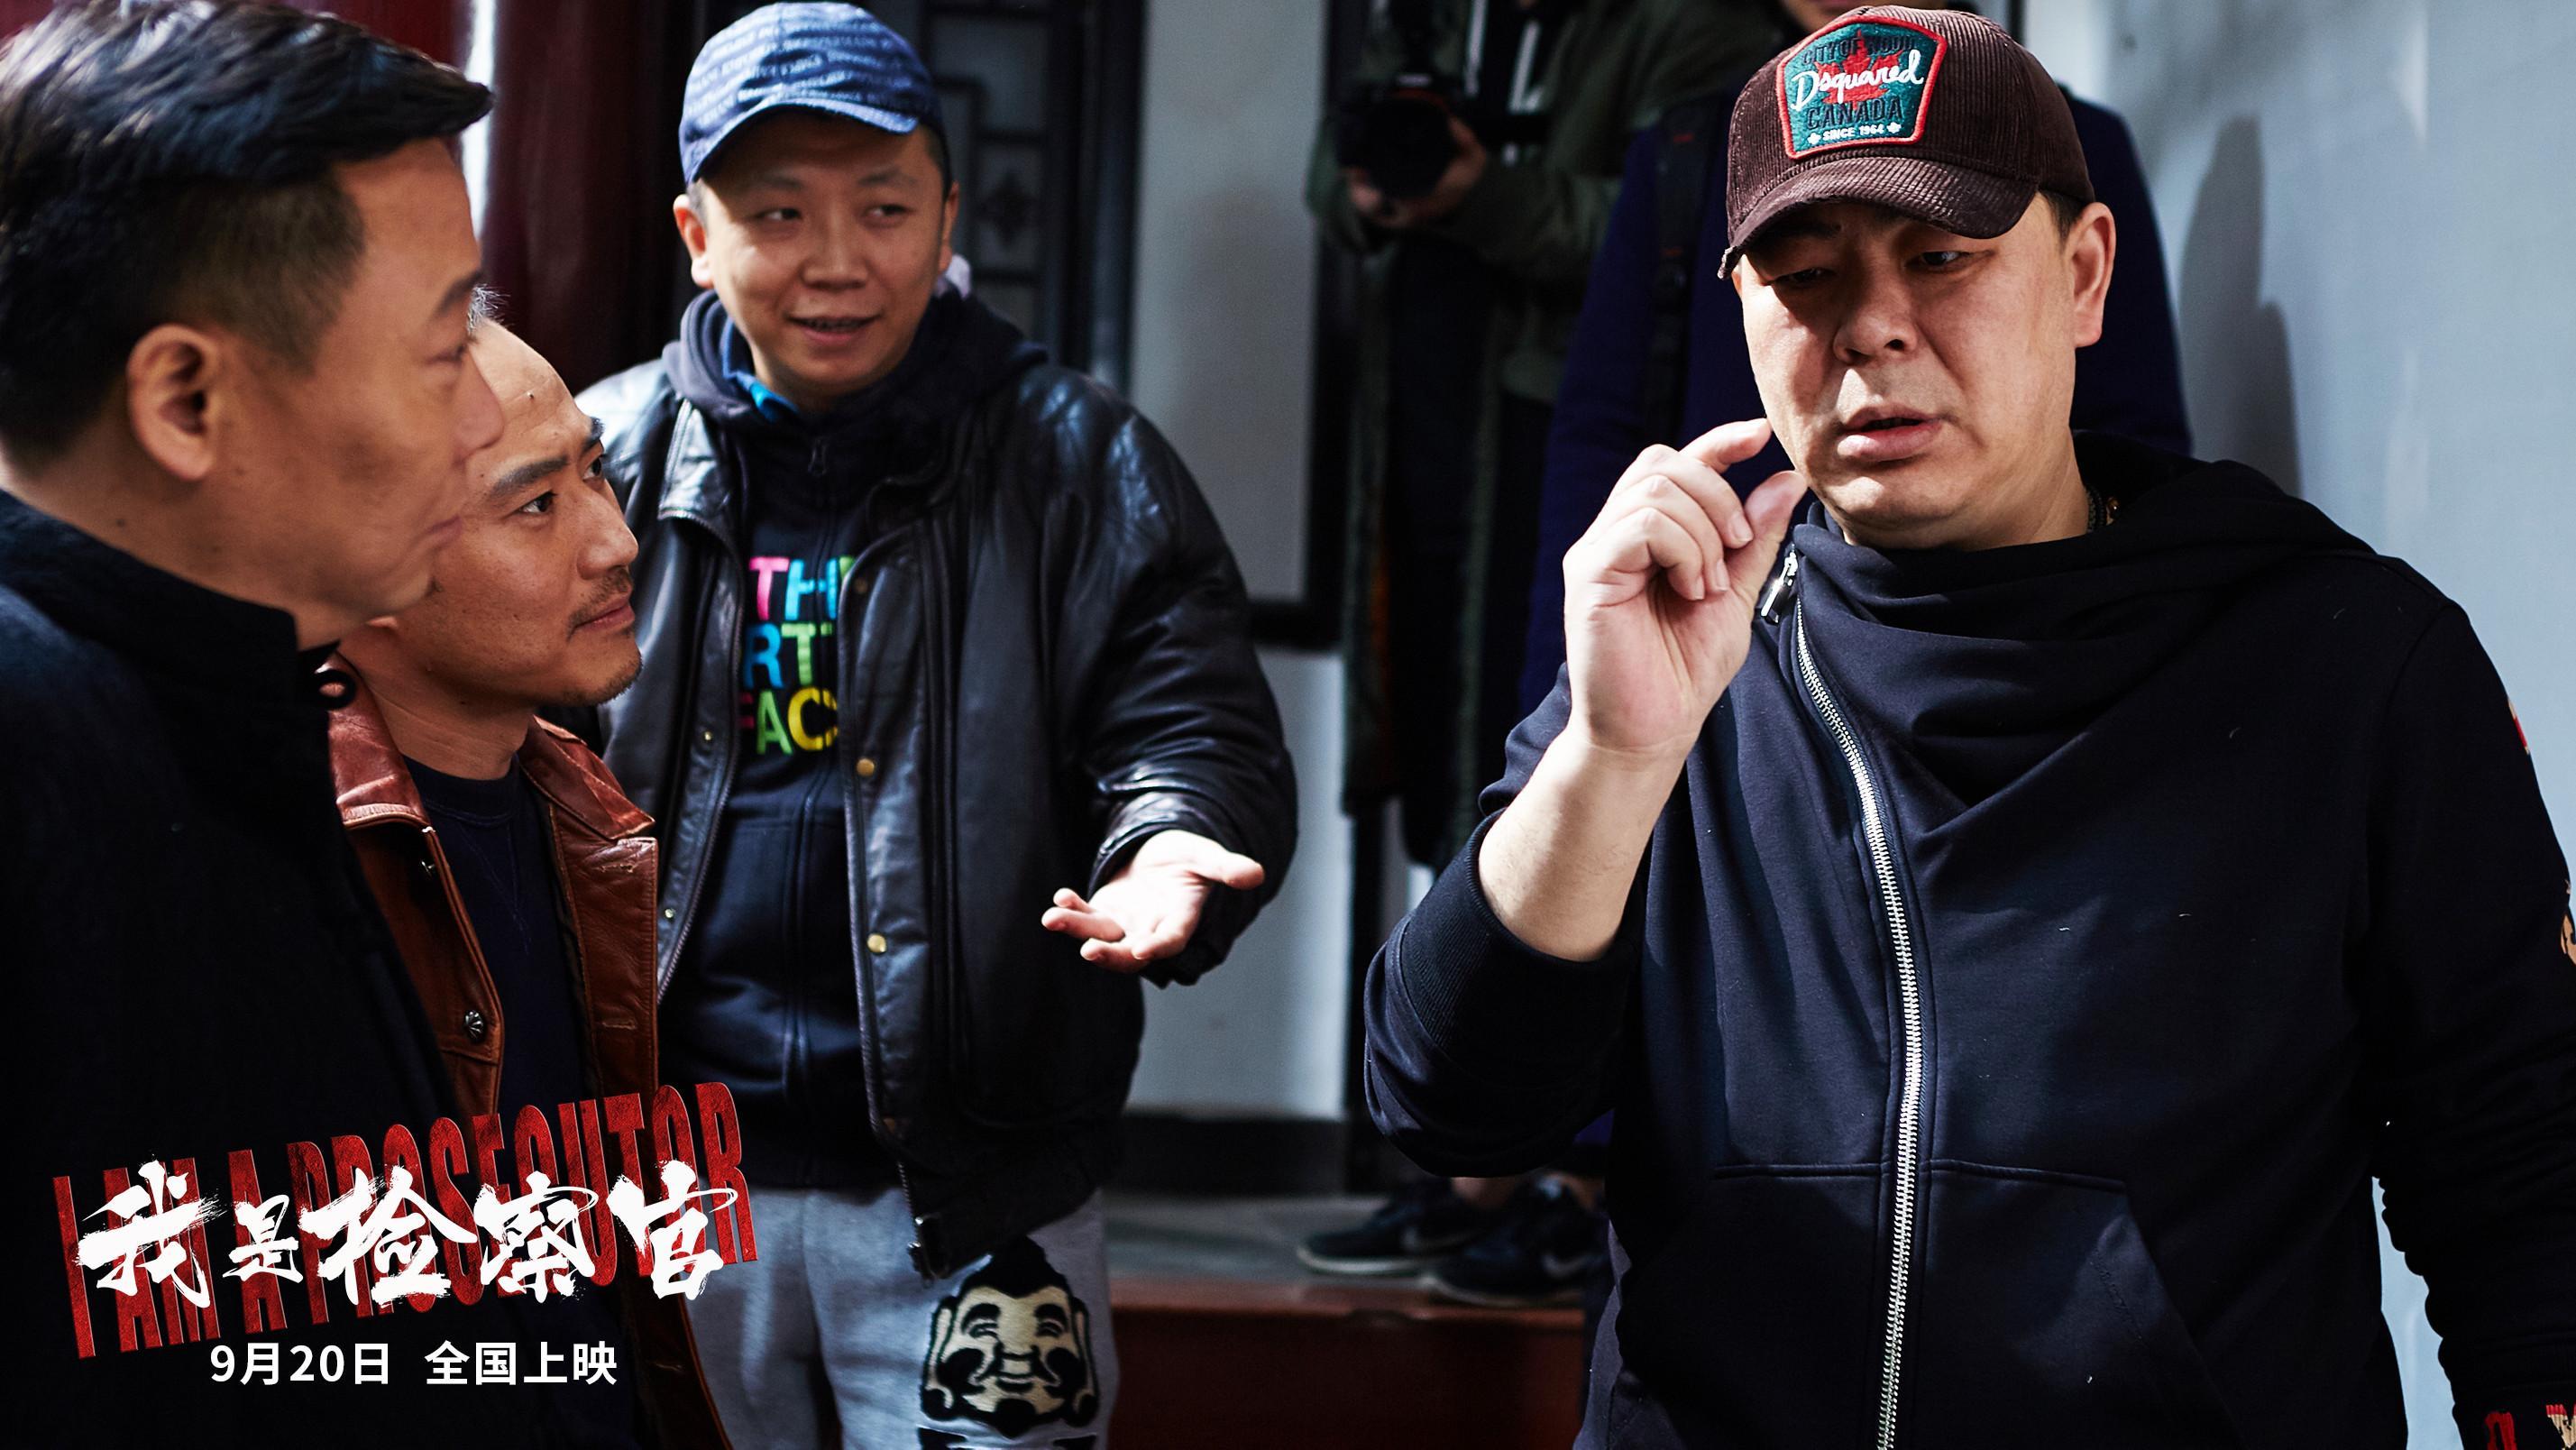 高亚麟执导环保题材电影《我是检察官》